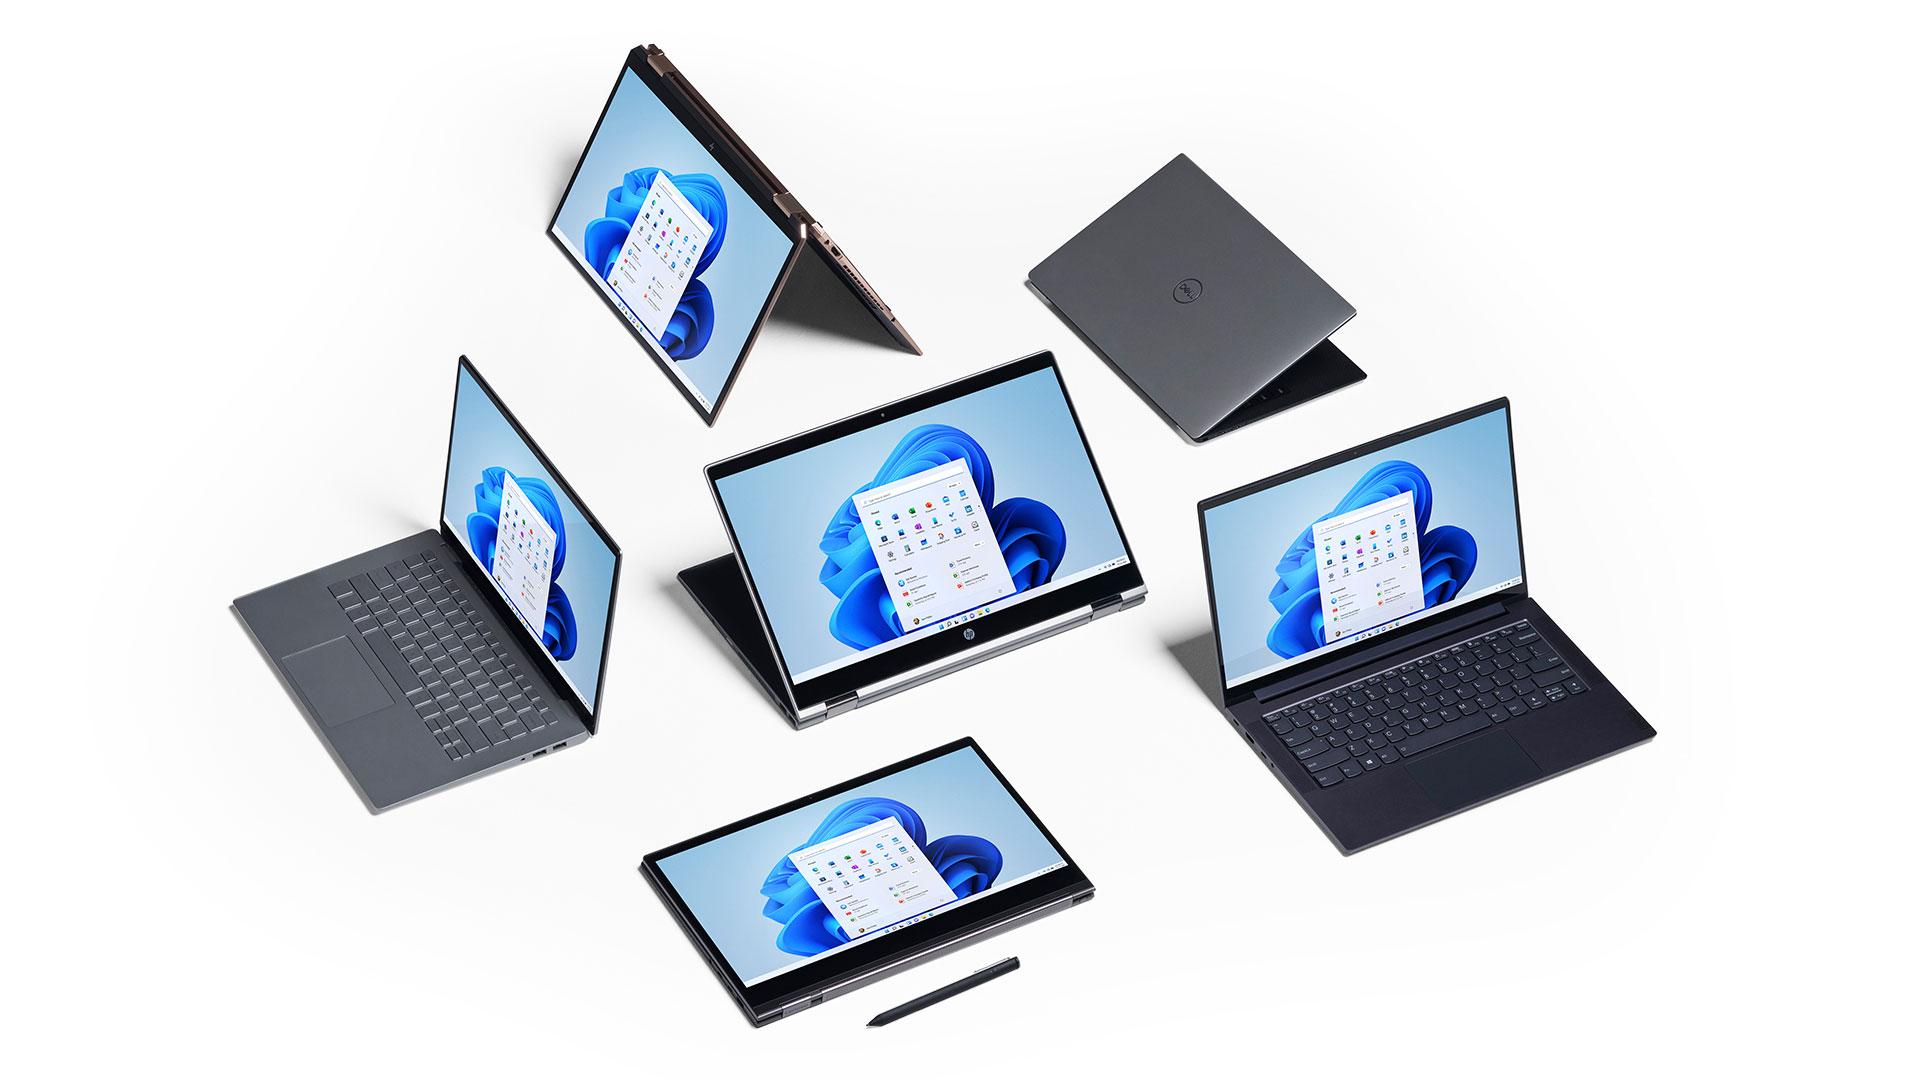 나열된 6대의 Windows 11 컴퓨터